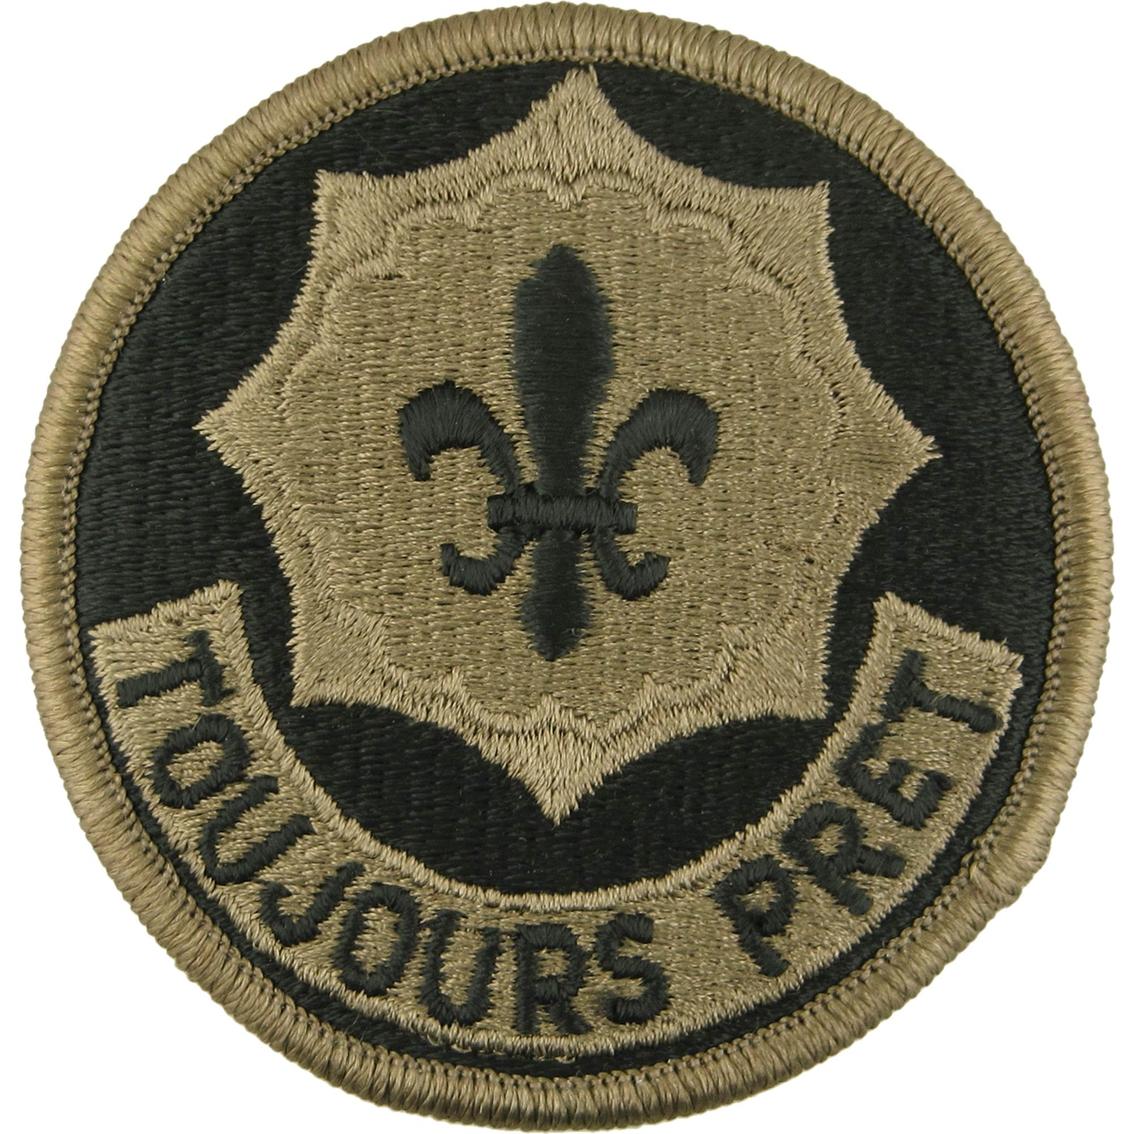 1st Cavalry Regiment Patch Lot 1 1 Cav 2 1 Cav 7 1 Cav